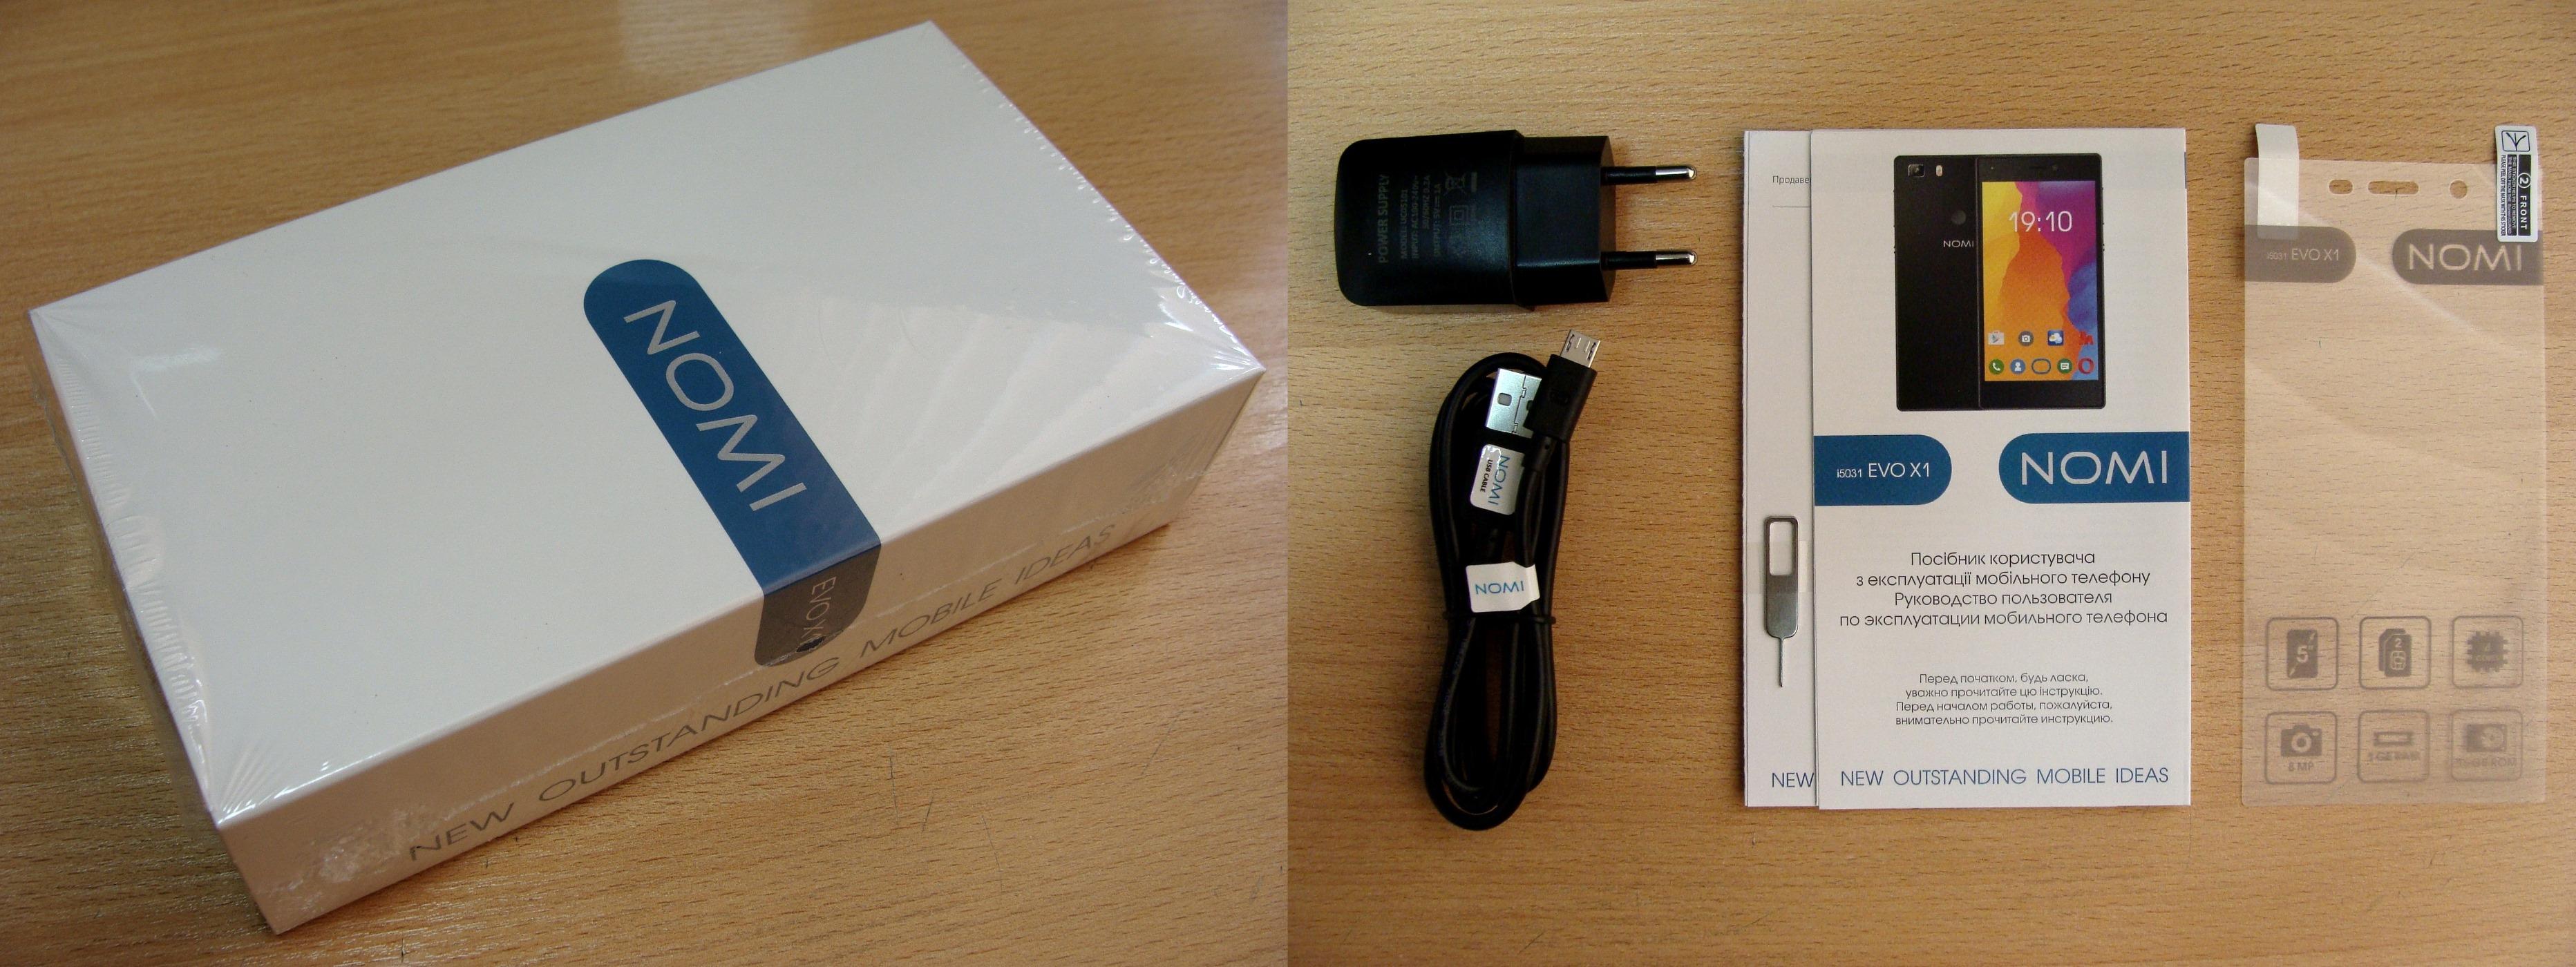 инструкция на мобильник нокия х1-01